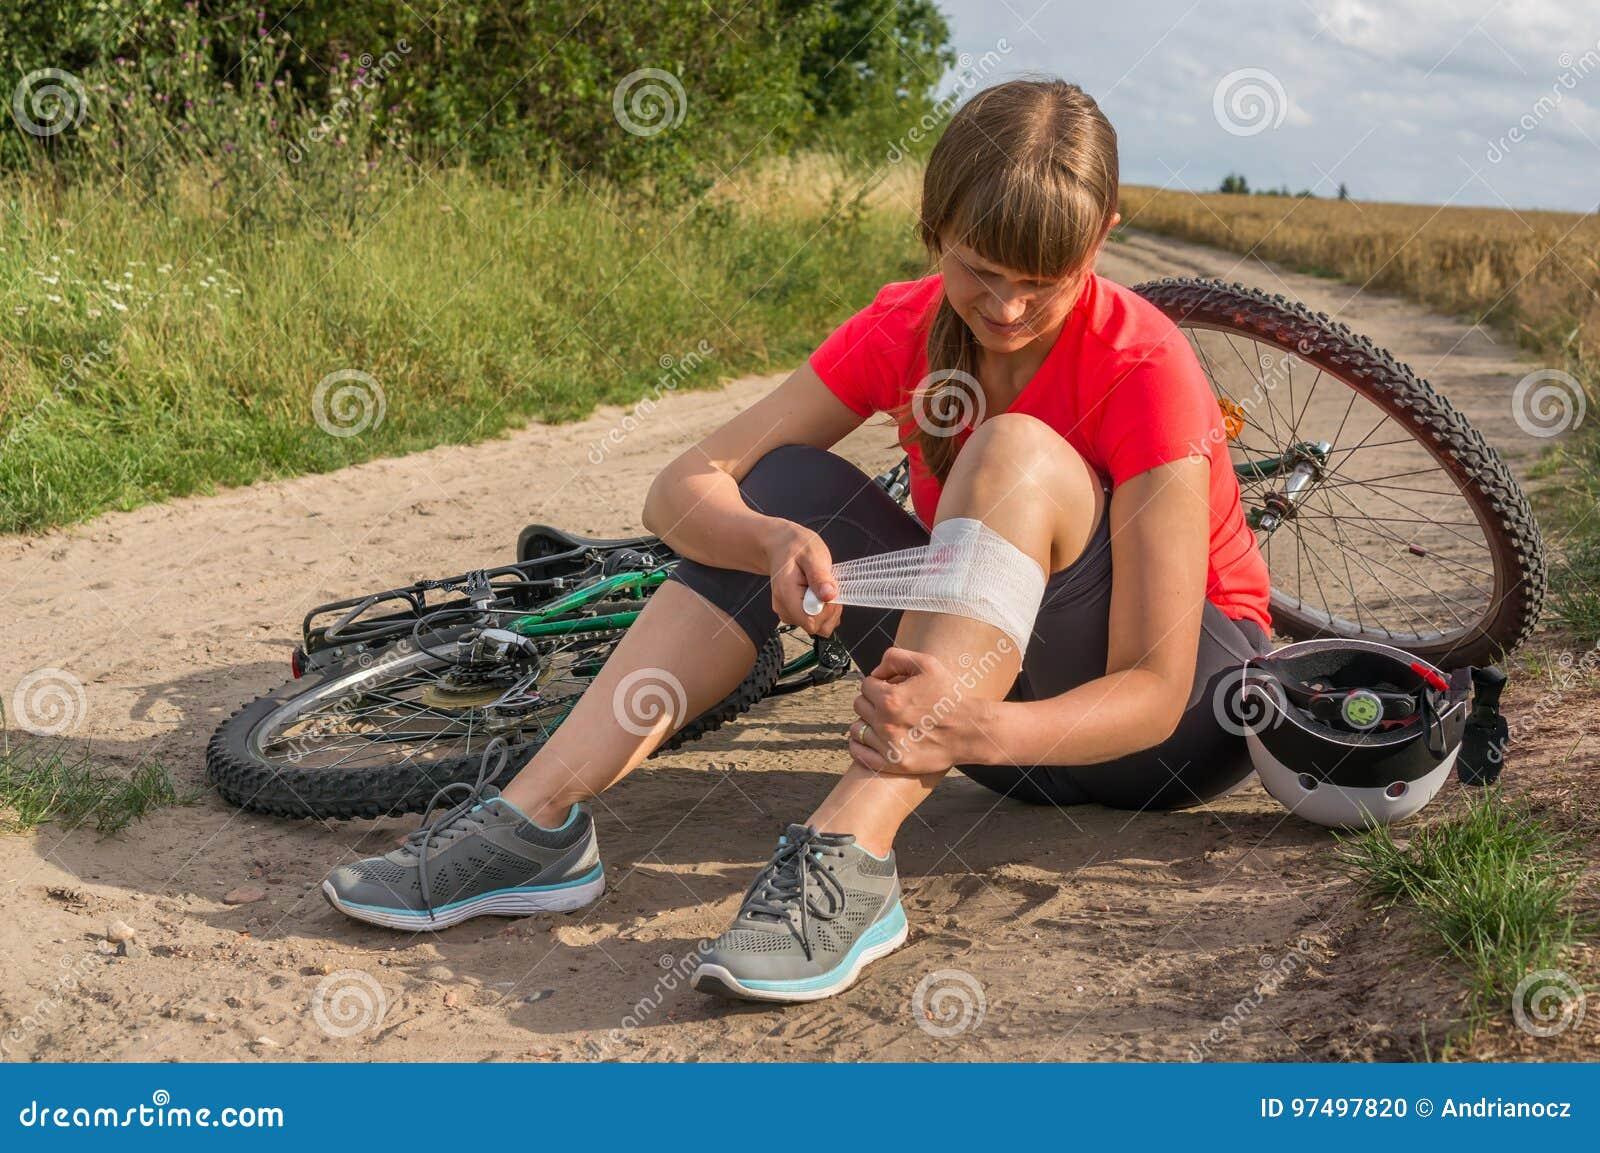 La donna ha lesione di incidente dalla bicicletta